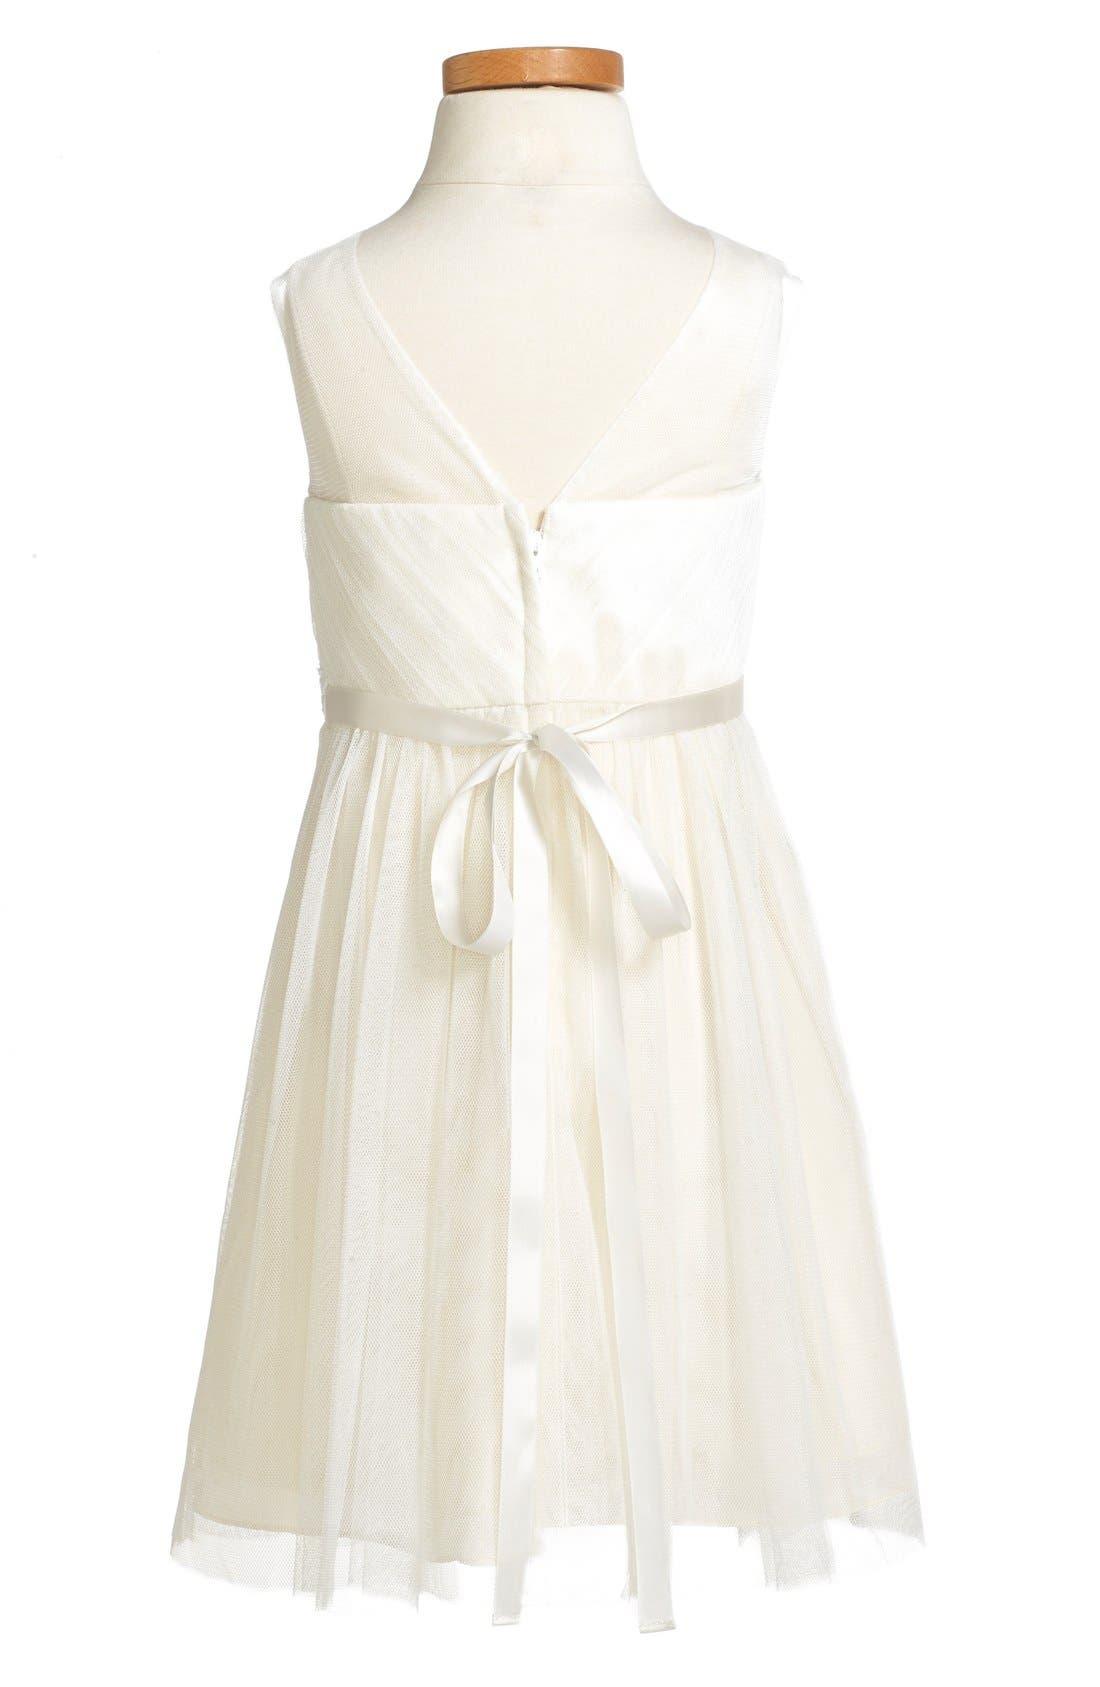 Zoe Floral Appliqué Tulle Dress,                             Alternate thumbnail 4, color,                             Cream